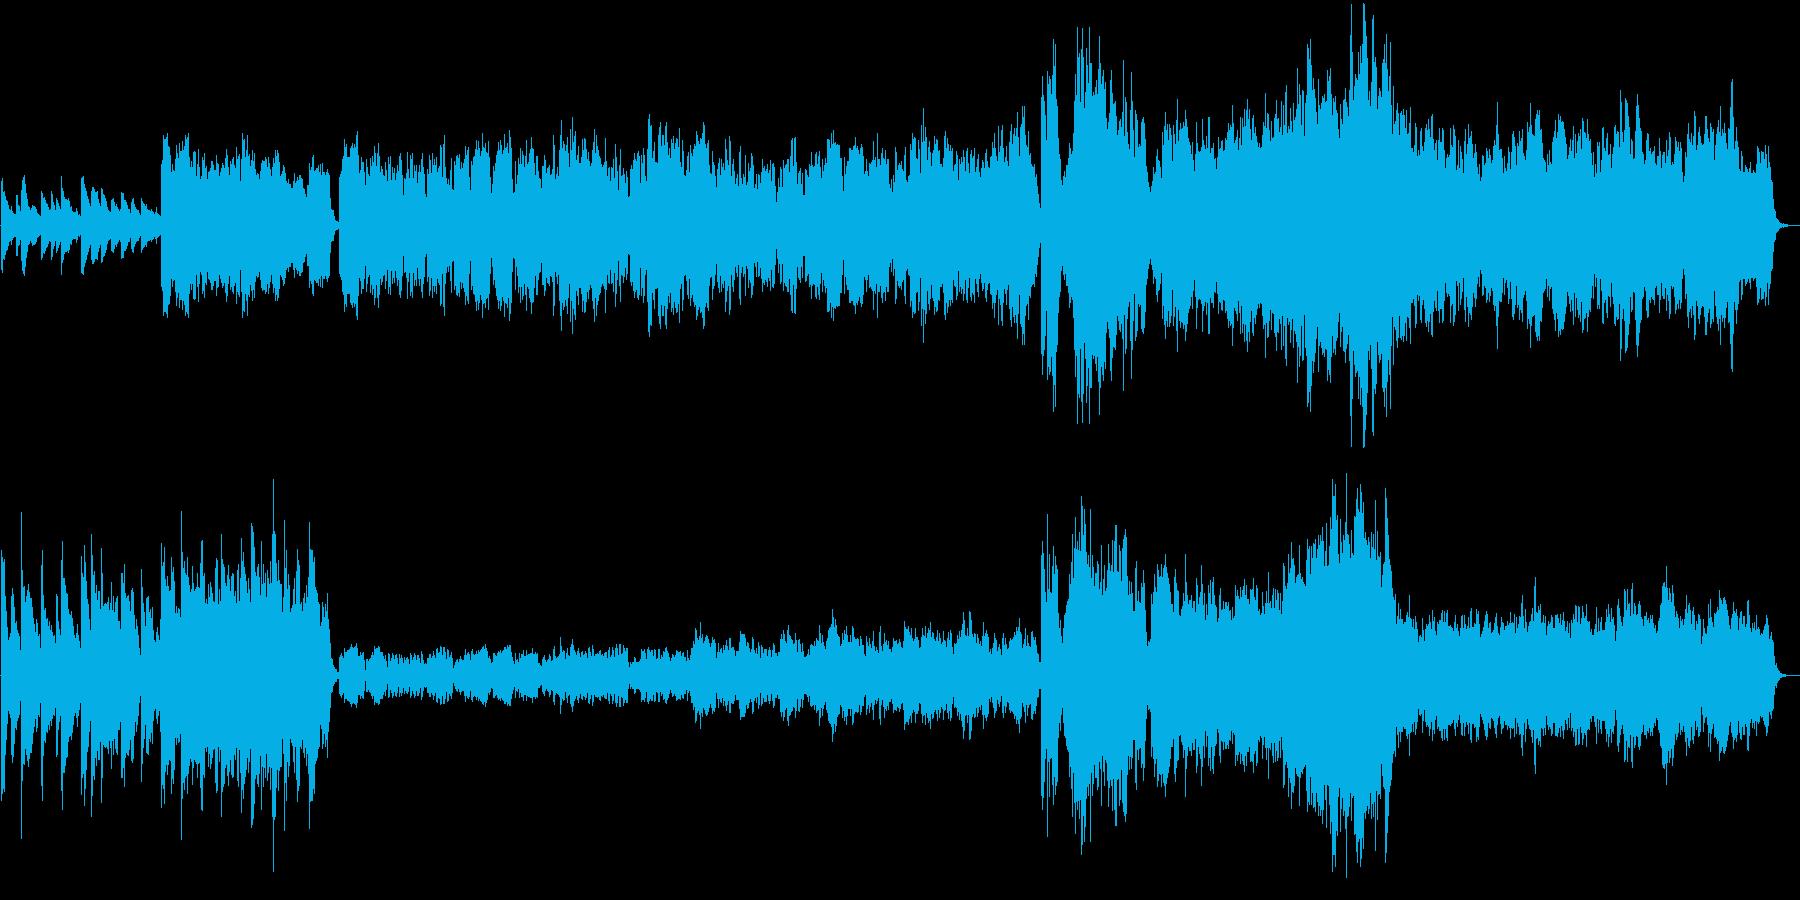 静かな箇所と盛り上がる箇所がある劇伴曲の再生済みの波形